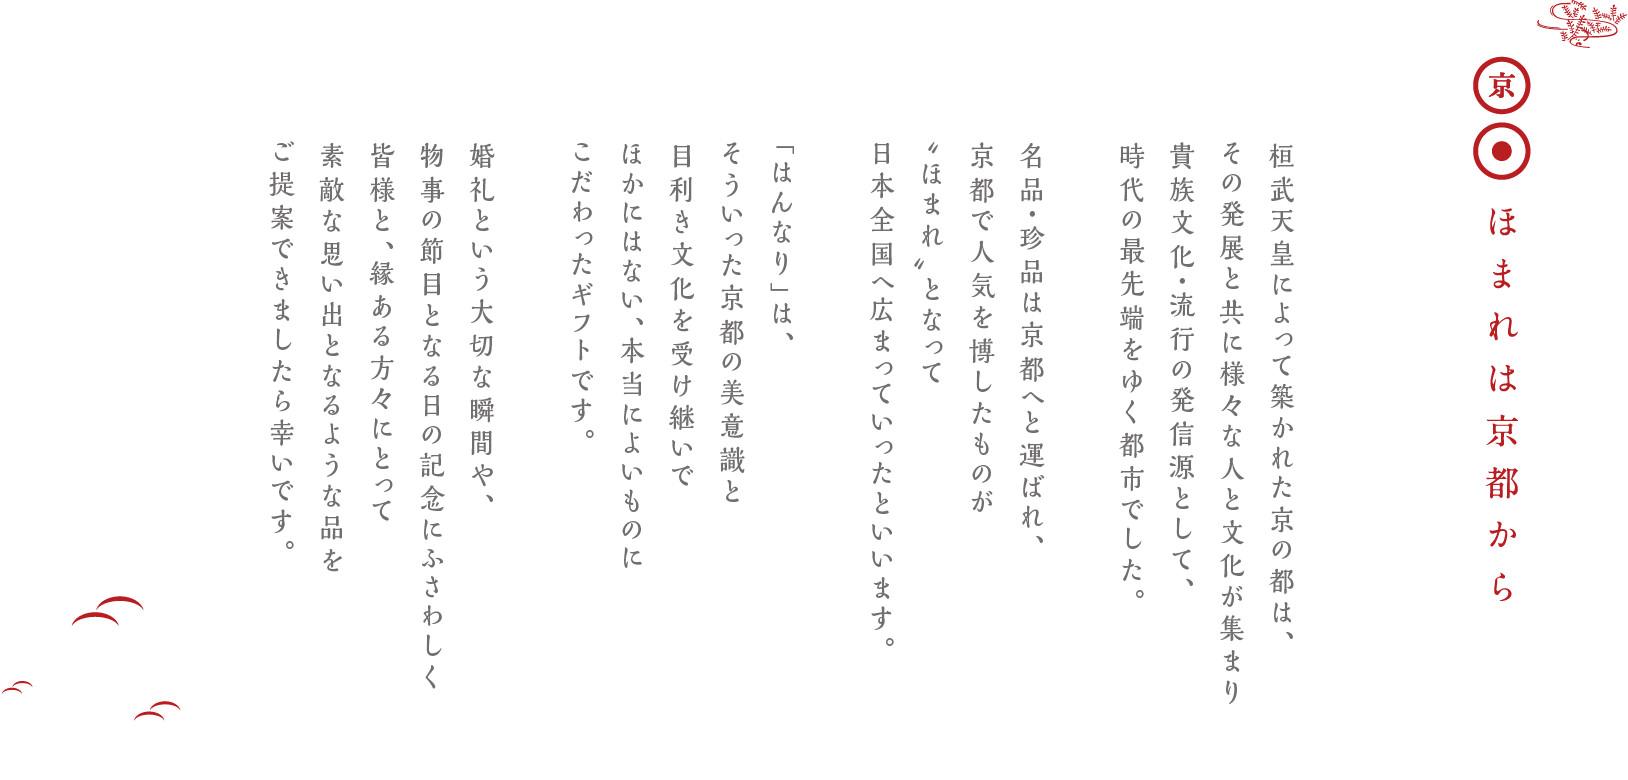 ほまれは京都から:ブライダルギフト・引出物・贈り物を中心にオリジナルの商品をご提案するBLANCA CORPORATIONからのメッセージ